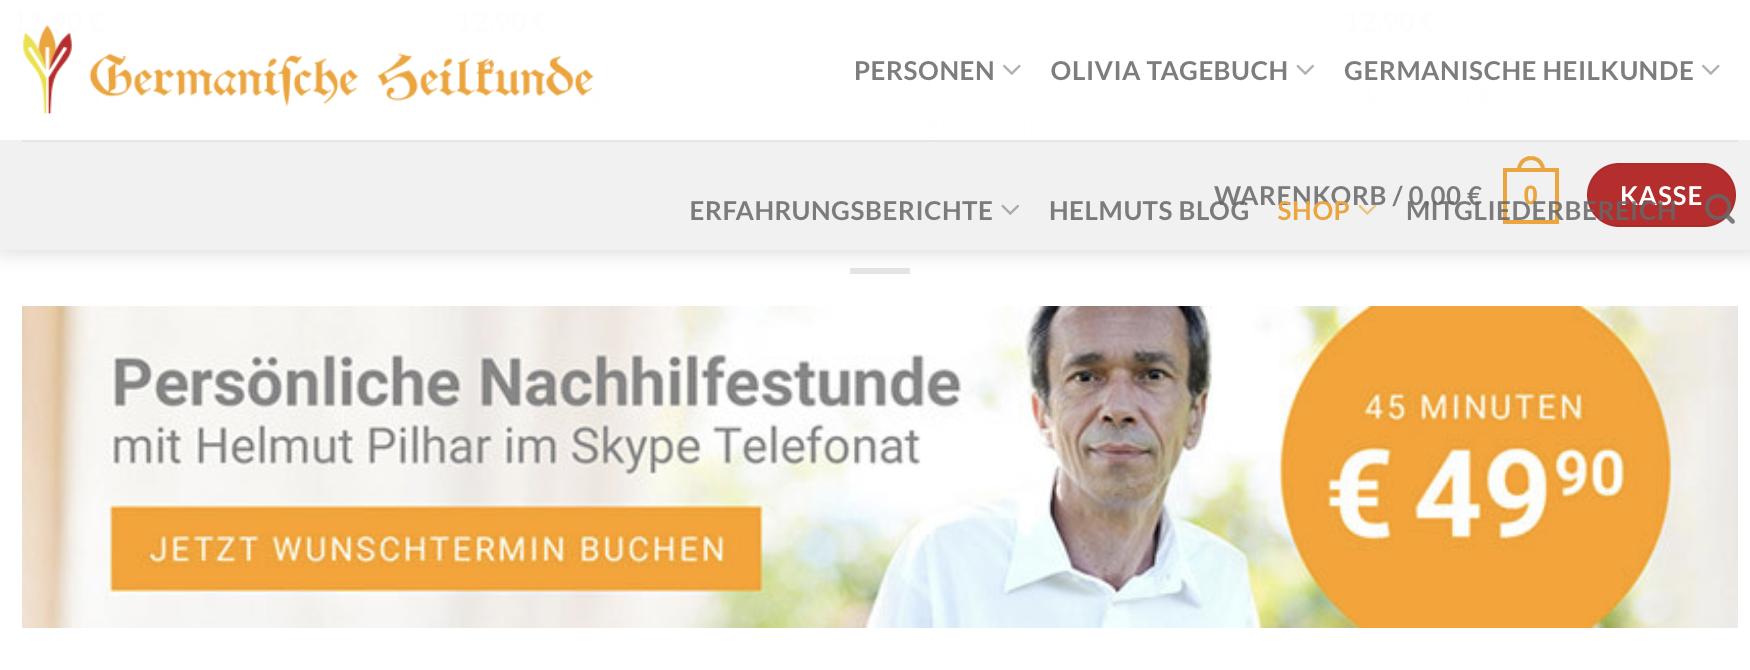 """Pilhars Germanische Heilkunde neu – mit """"Nachhilfe"""" via Skype um 49,90€/Stunde und """"Kasse""""-Button"""